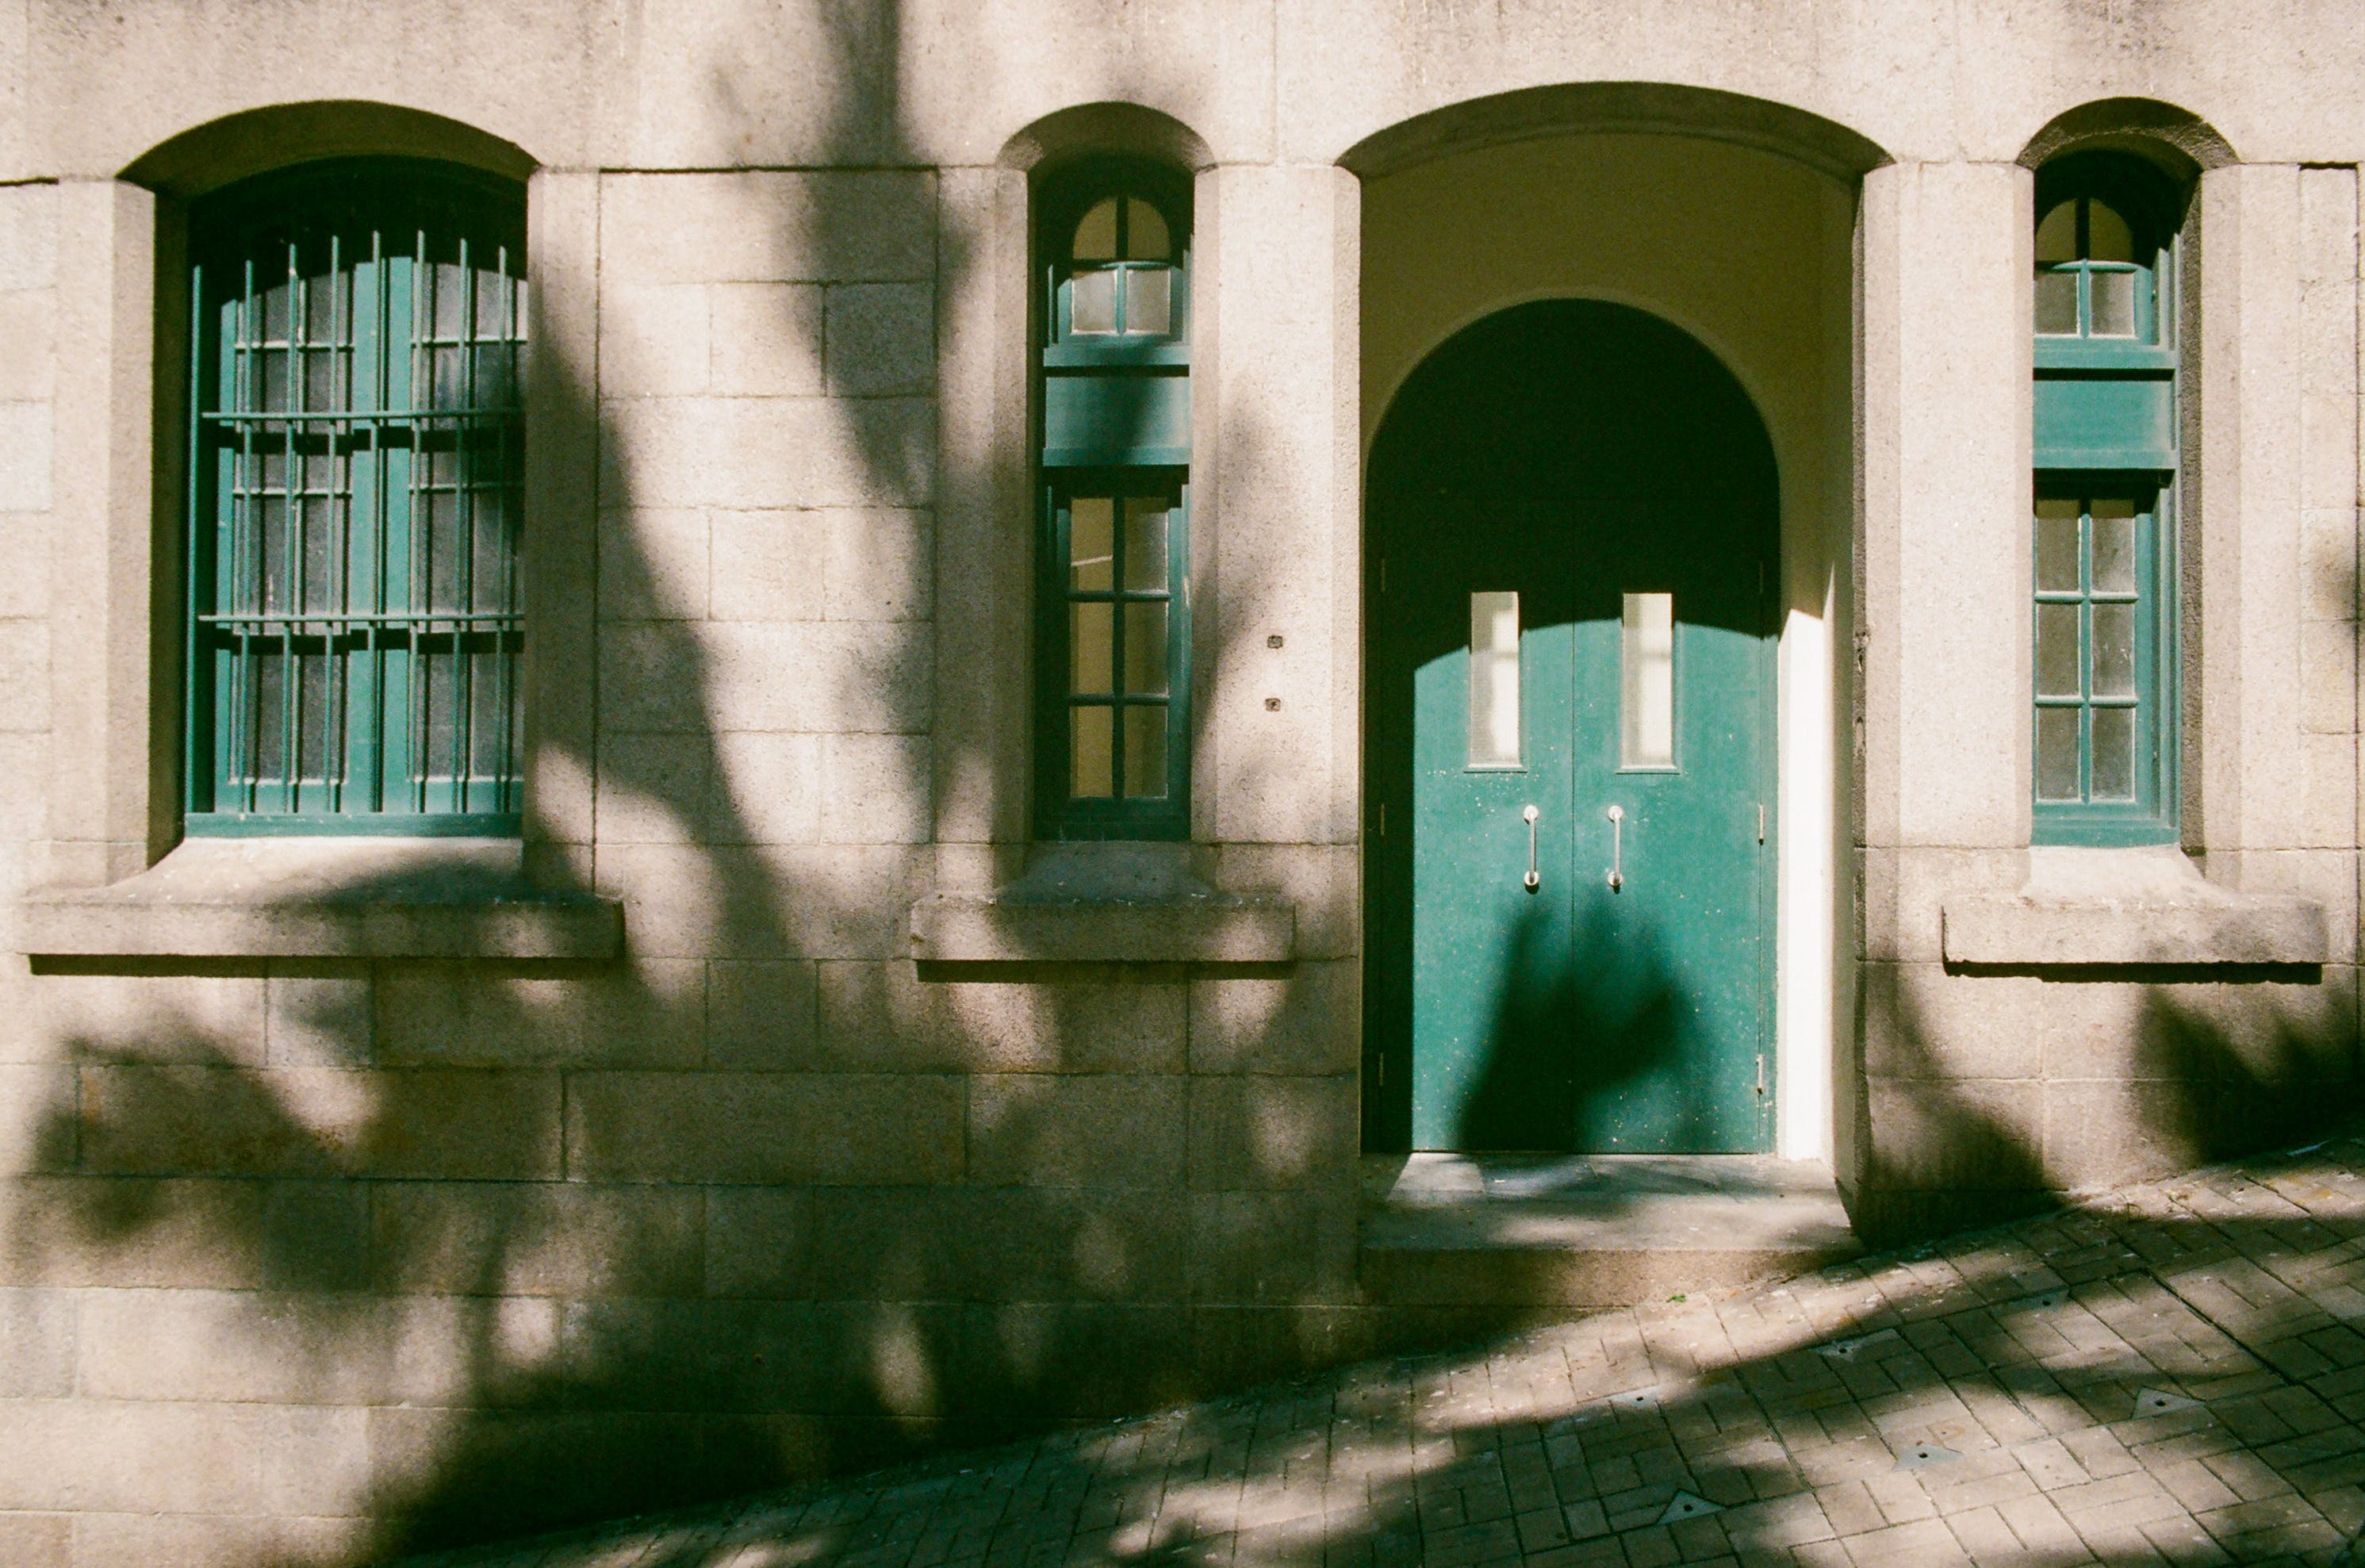 architektur, eingang, fassade